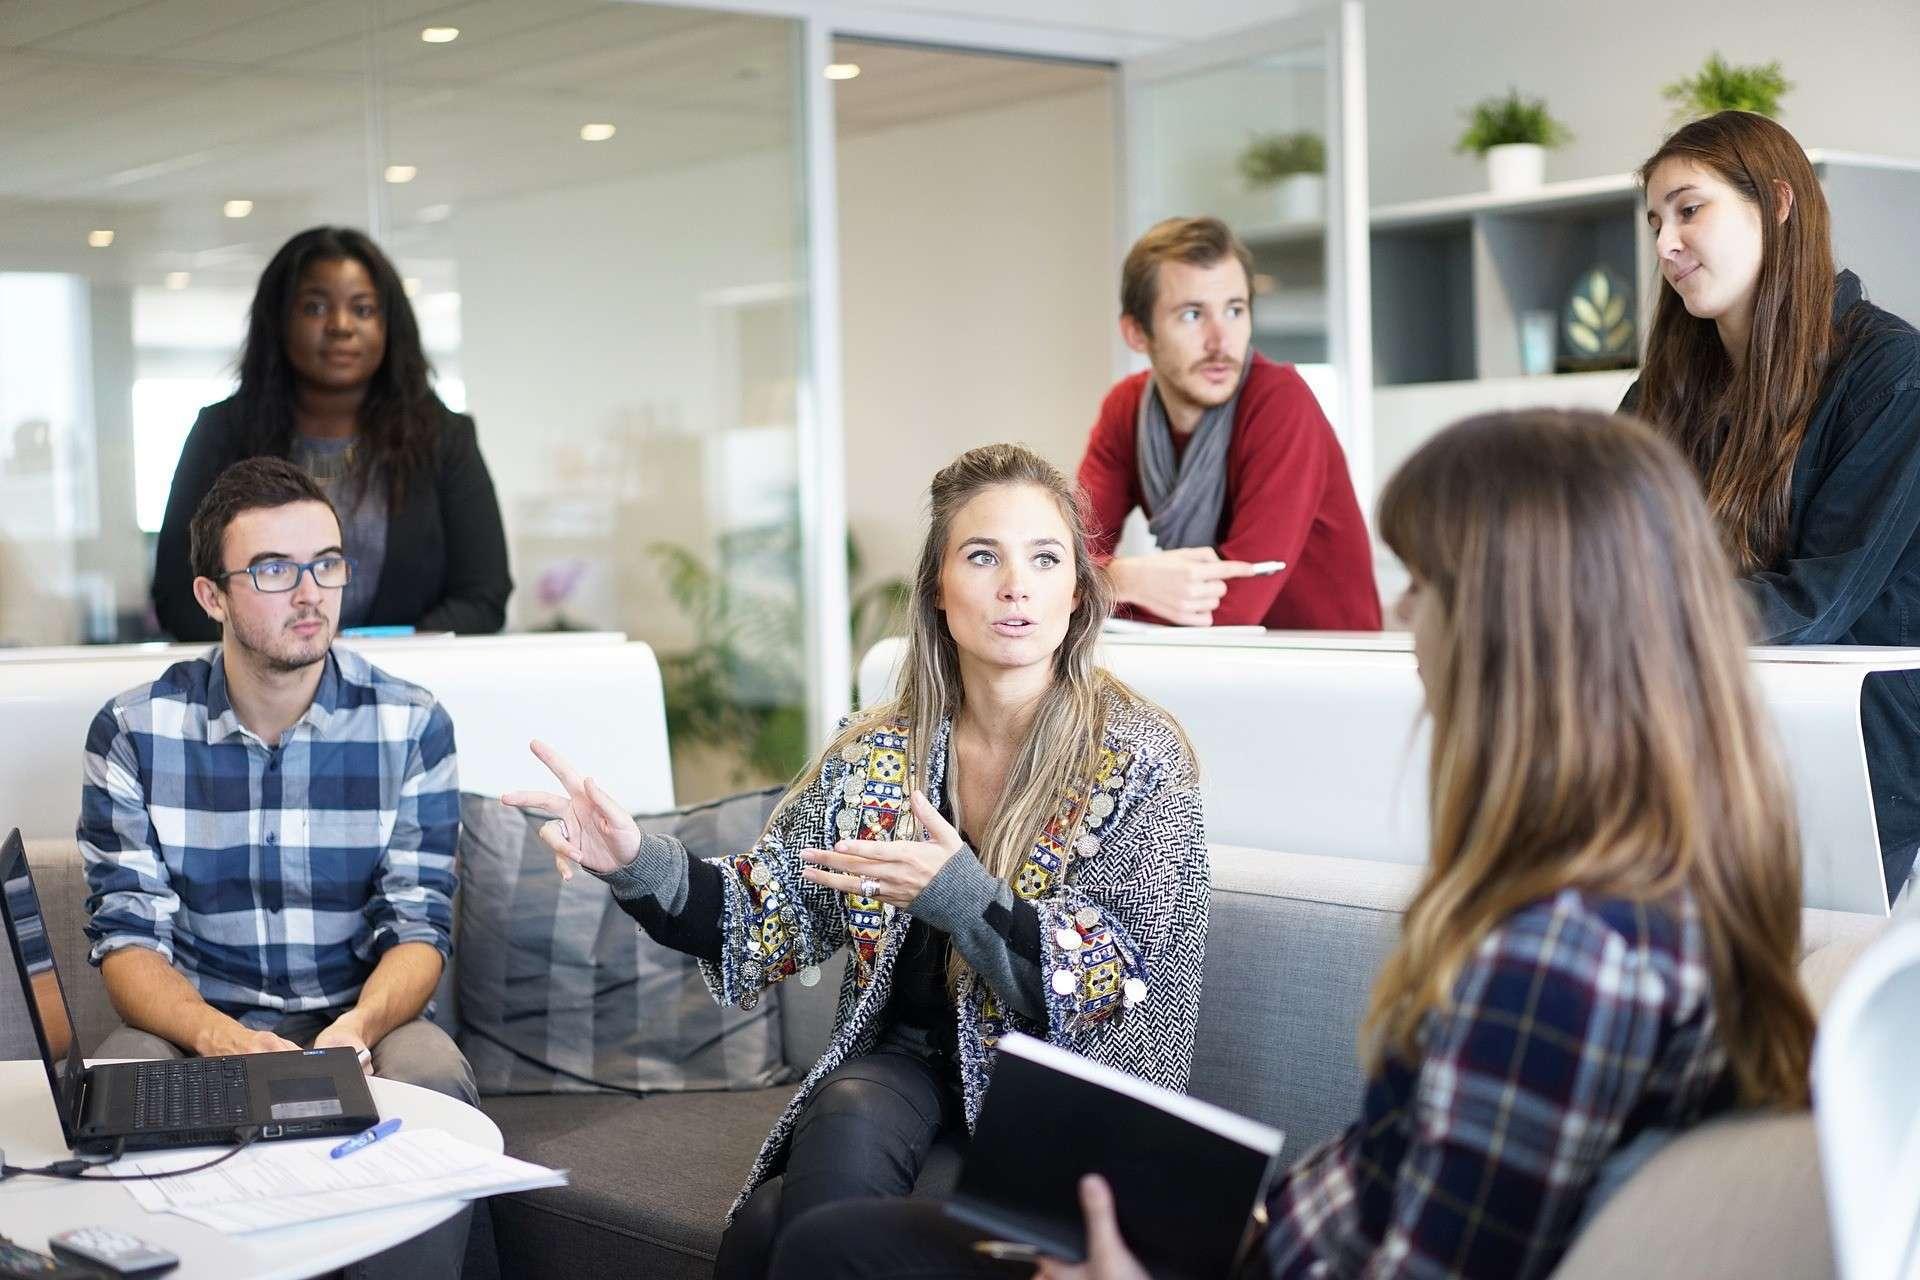 Der Female Founders Monitor befragte 566 teilnehmende Gründerinnen nach ihren Gründungsmotiven und Herausforderungen.